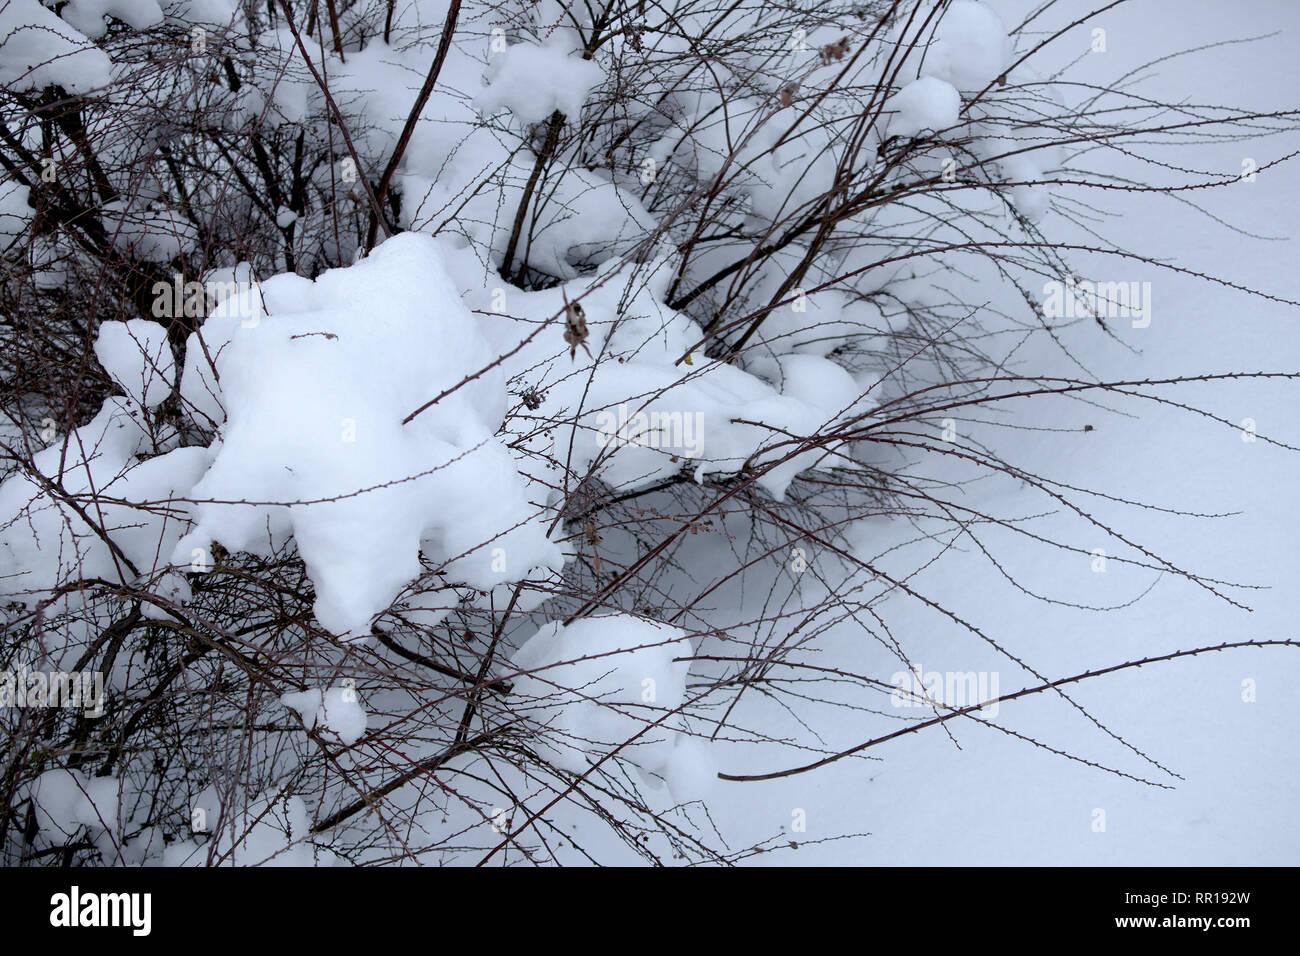 Entrelazado de pequeño arbusto desnudo ramas cubiertas de nieve. El estado de ánimo de invierno Imagen De Stock